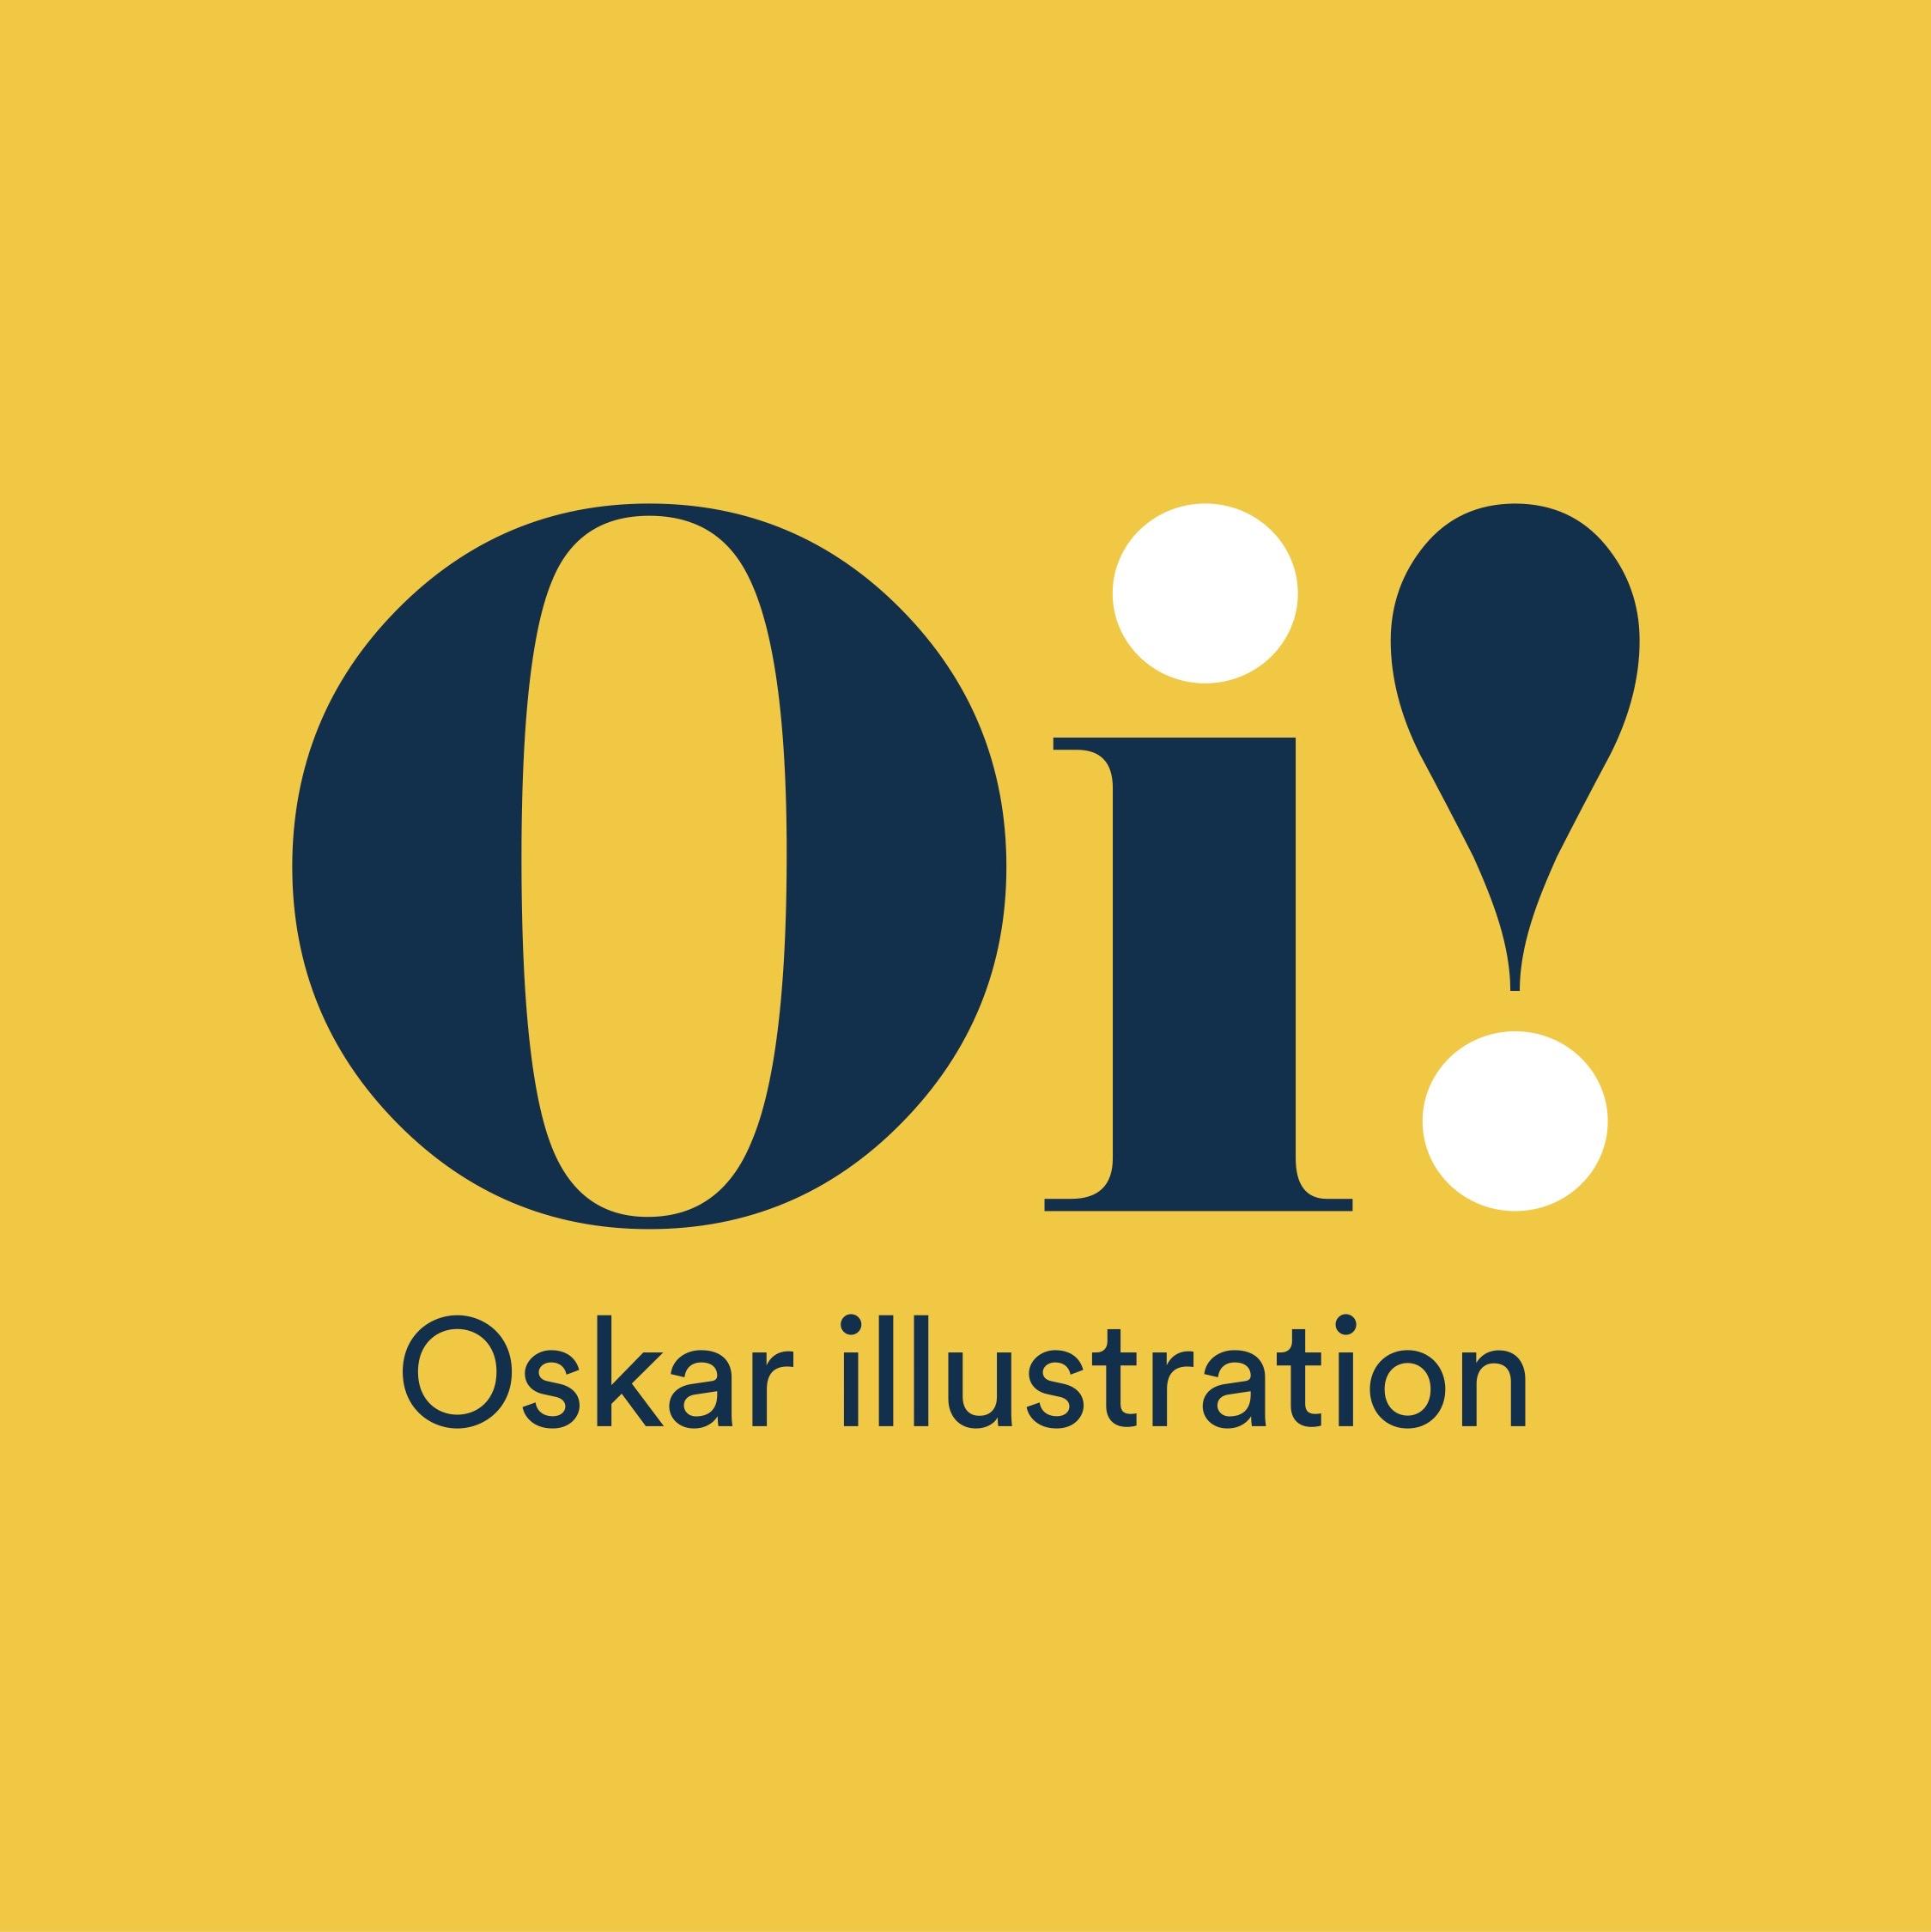 Oskar Illustration